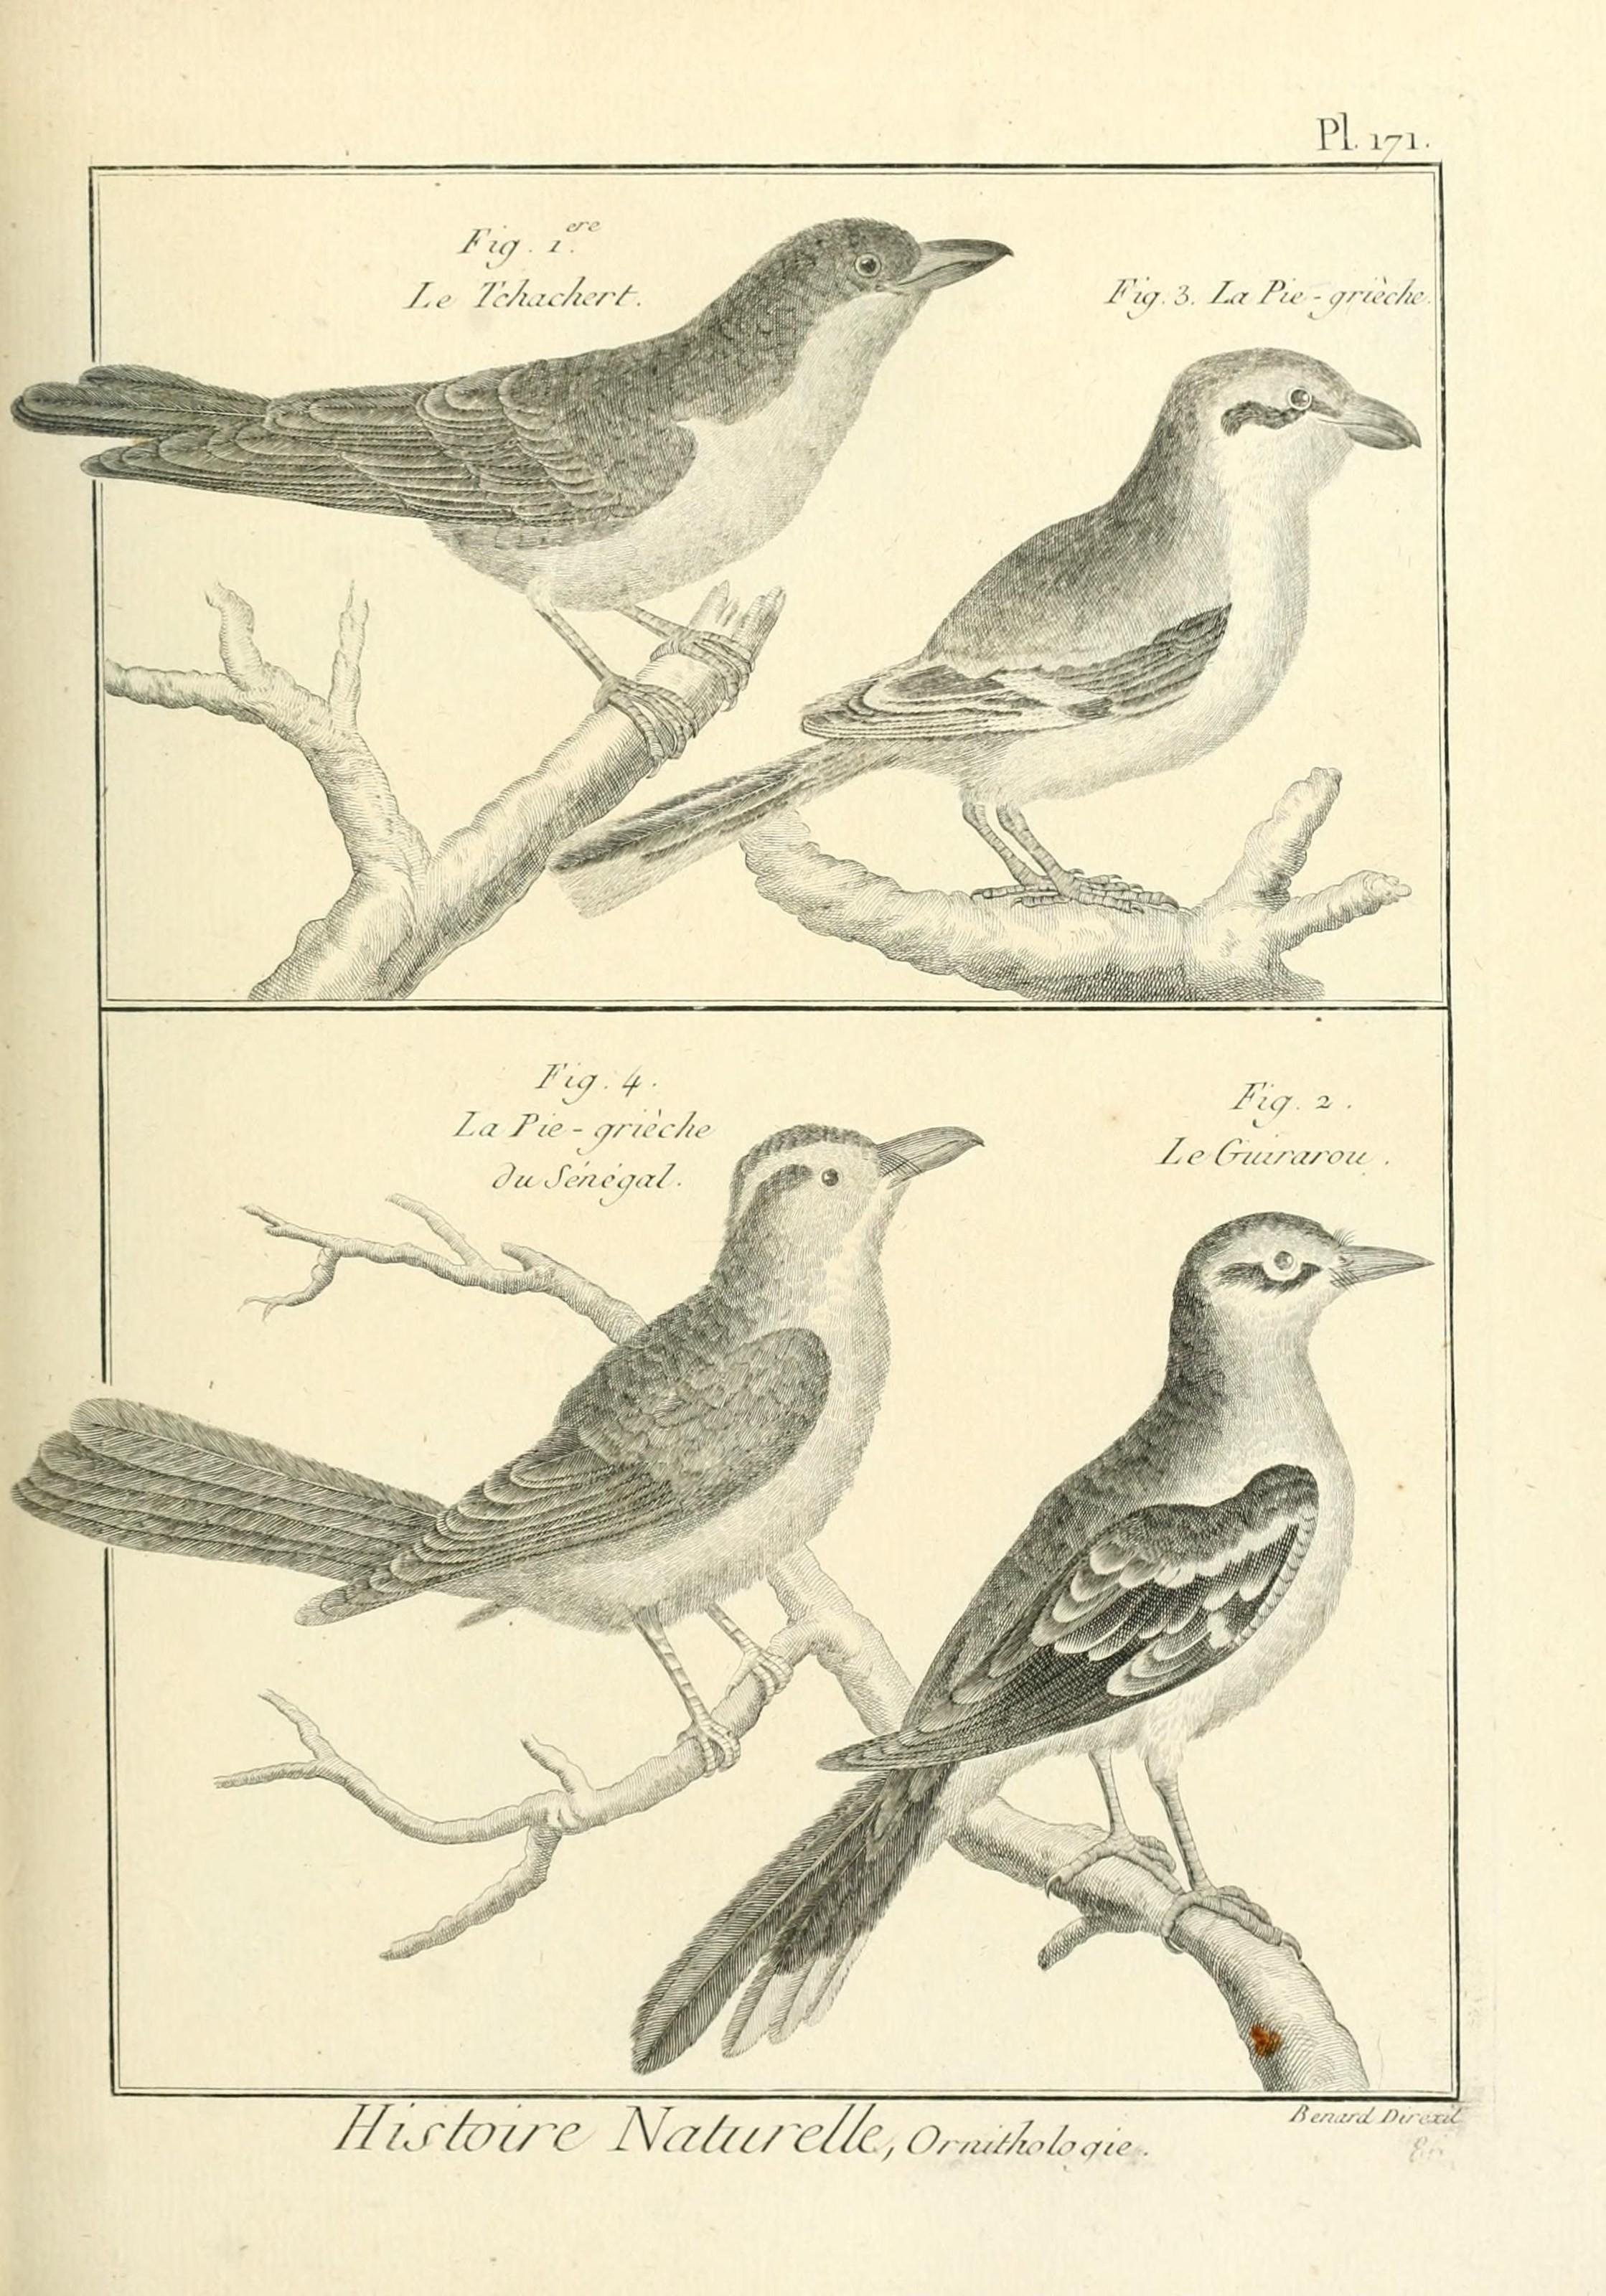 File Tableau Encyclopedique Et Methodique Des Trois Regnes De La Nature Pl 171 7850696796 Jpg Wikimedia Commons